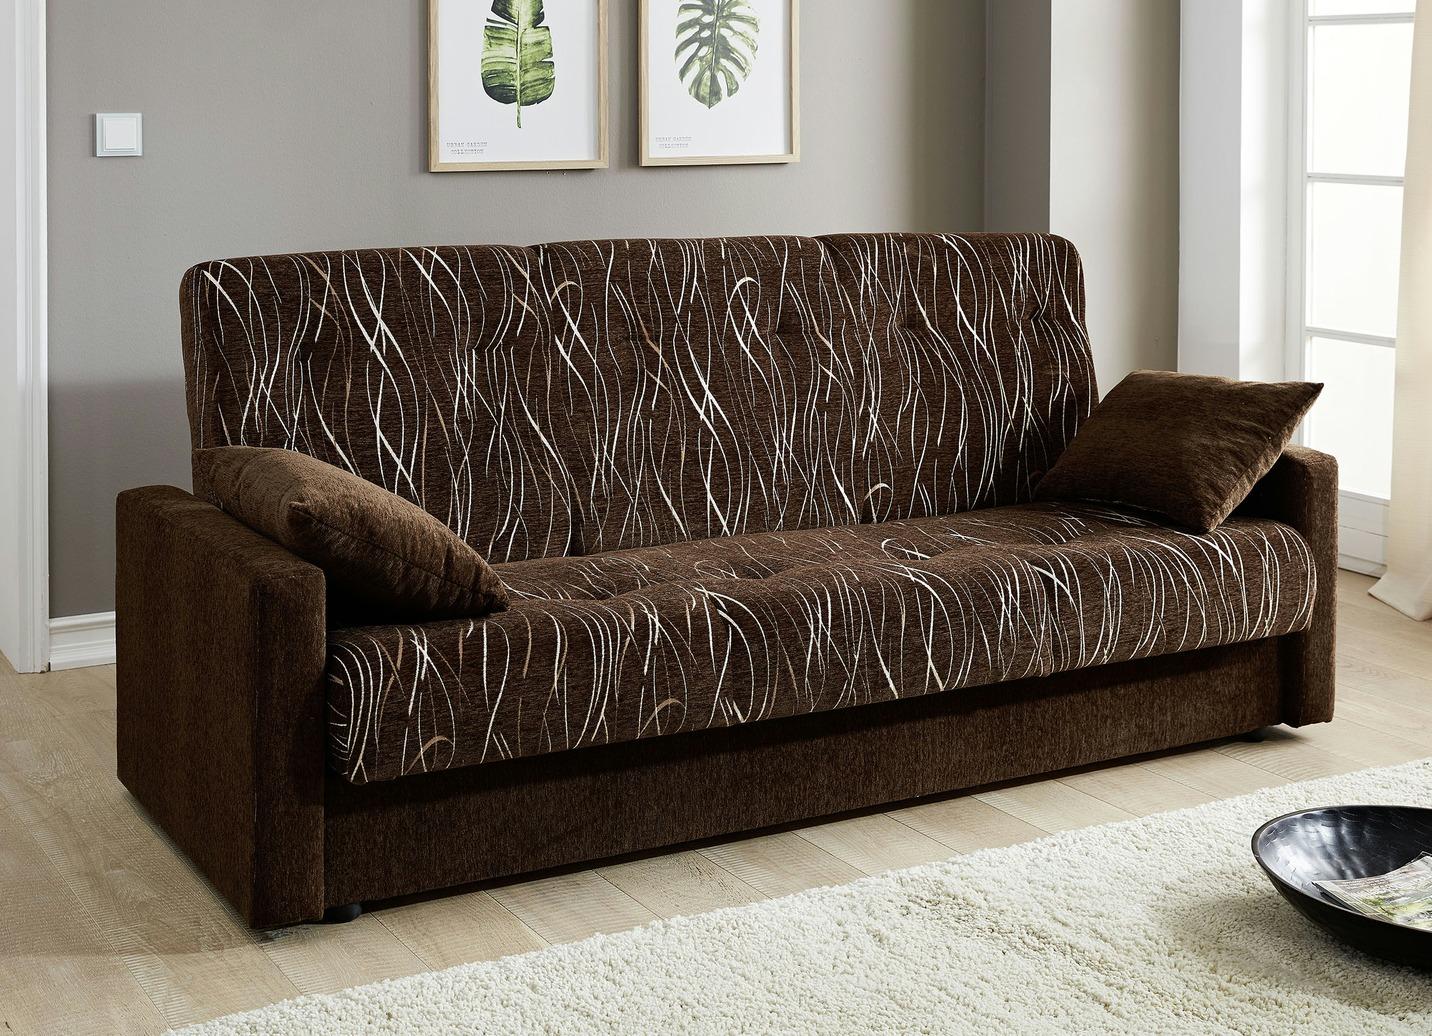 Full Size of Wohnzimmer Liegestuhl Relax Designer Ikea Farbe Beige Klappsofa Sofa Klappsthle Led Deckenleuchte Deko Kleines Fototapeten Hängeschrank Weiß Hochglanz Wohnzimmer Wohnzimmer Liegestuhl